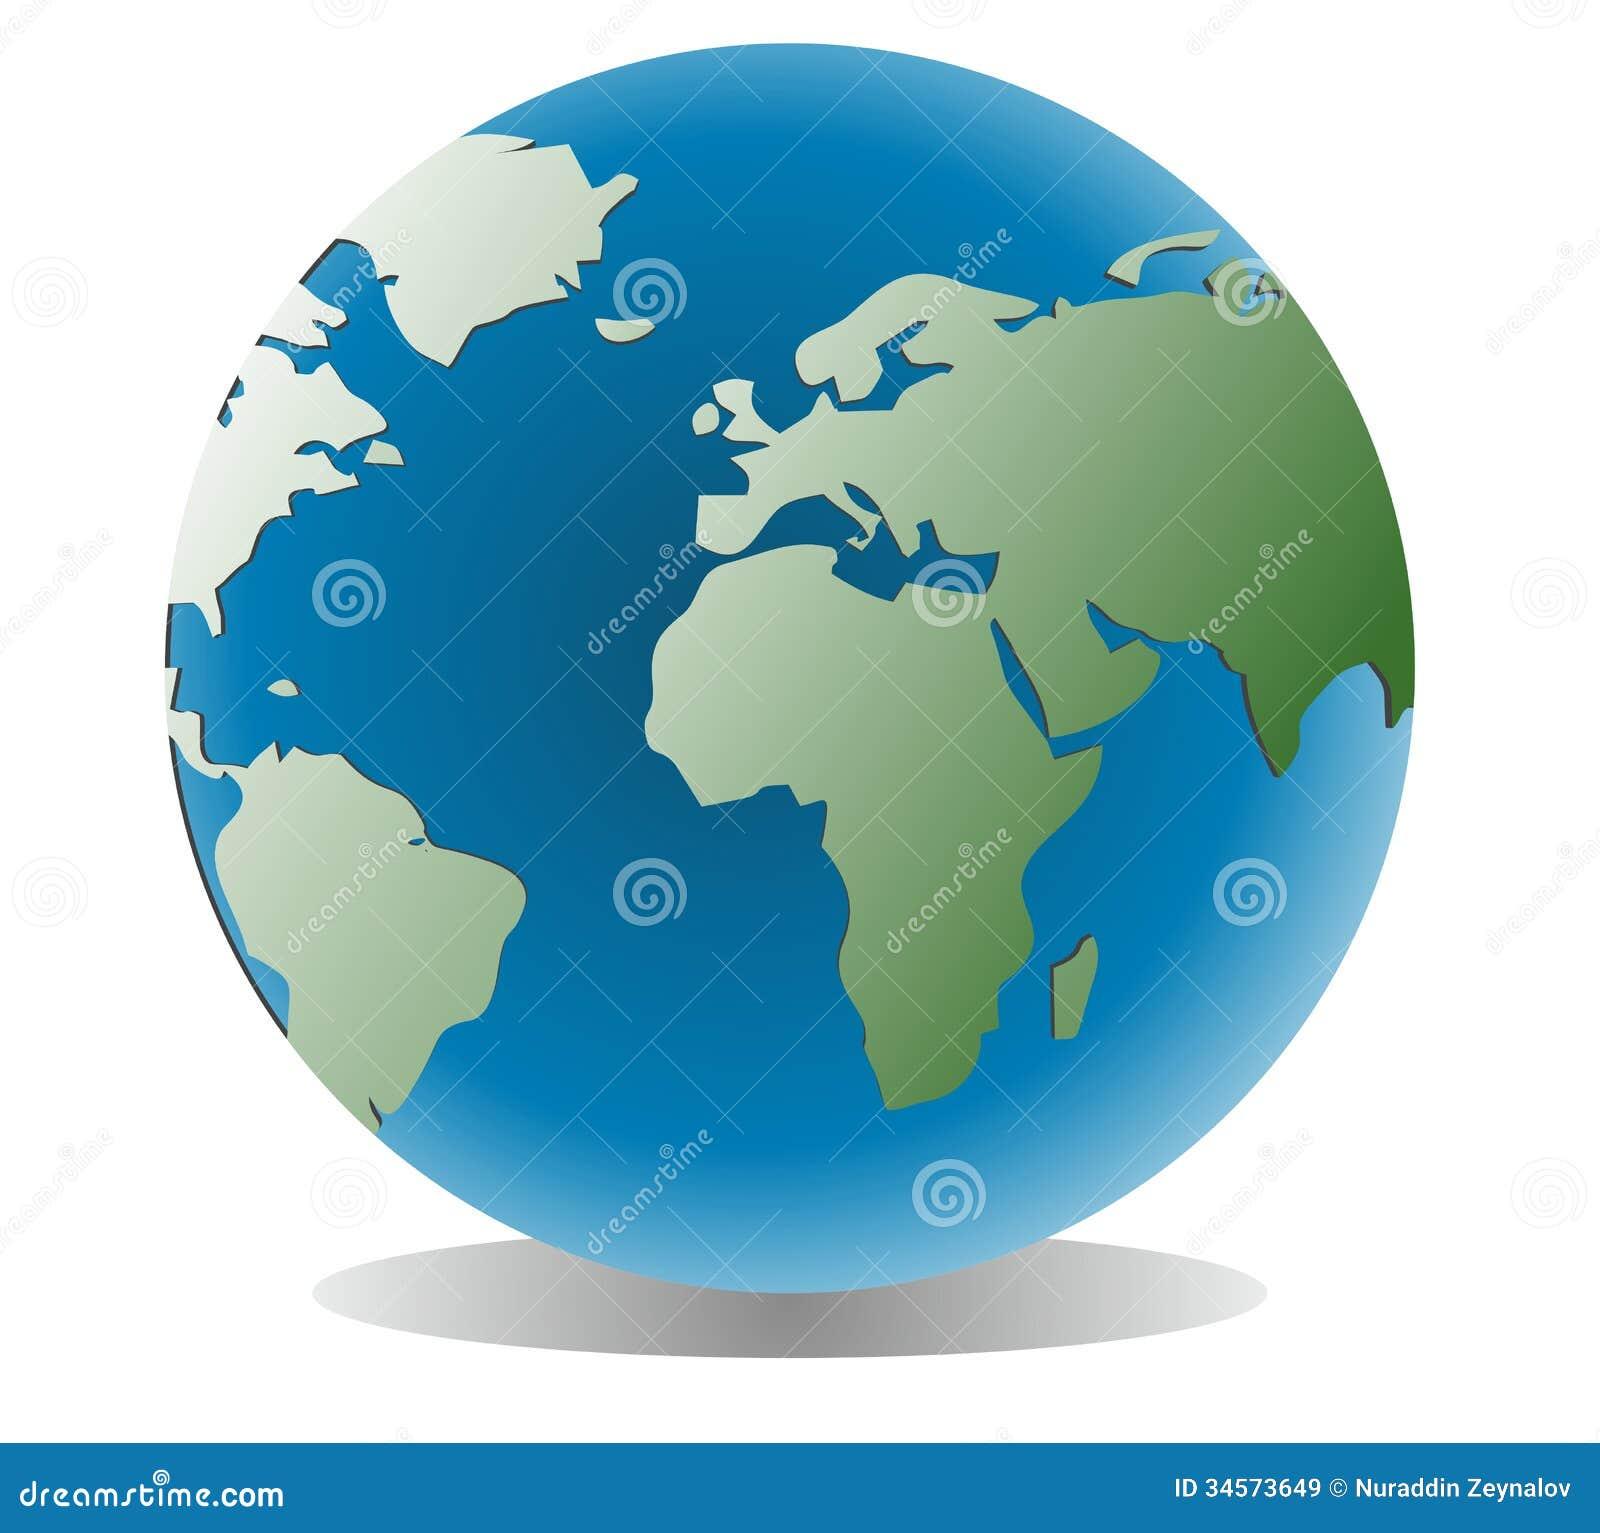 Globe Royalty Free Stock Images Image 34573649